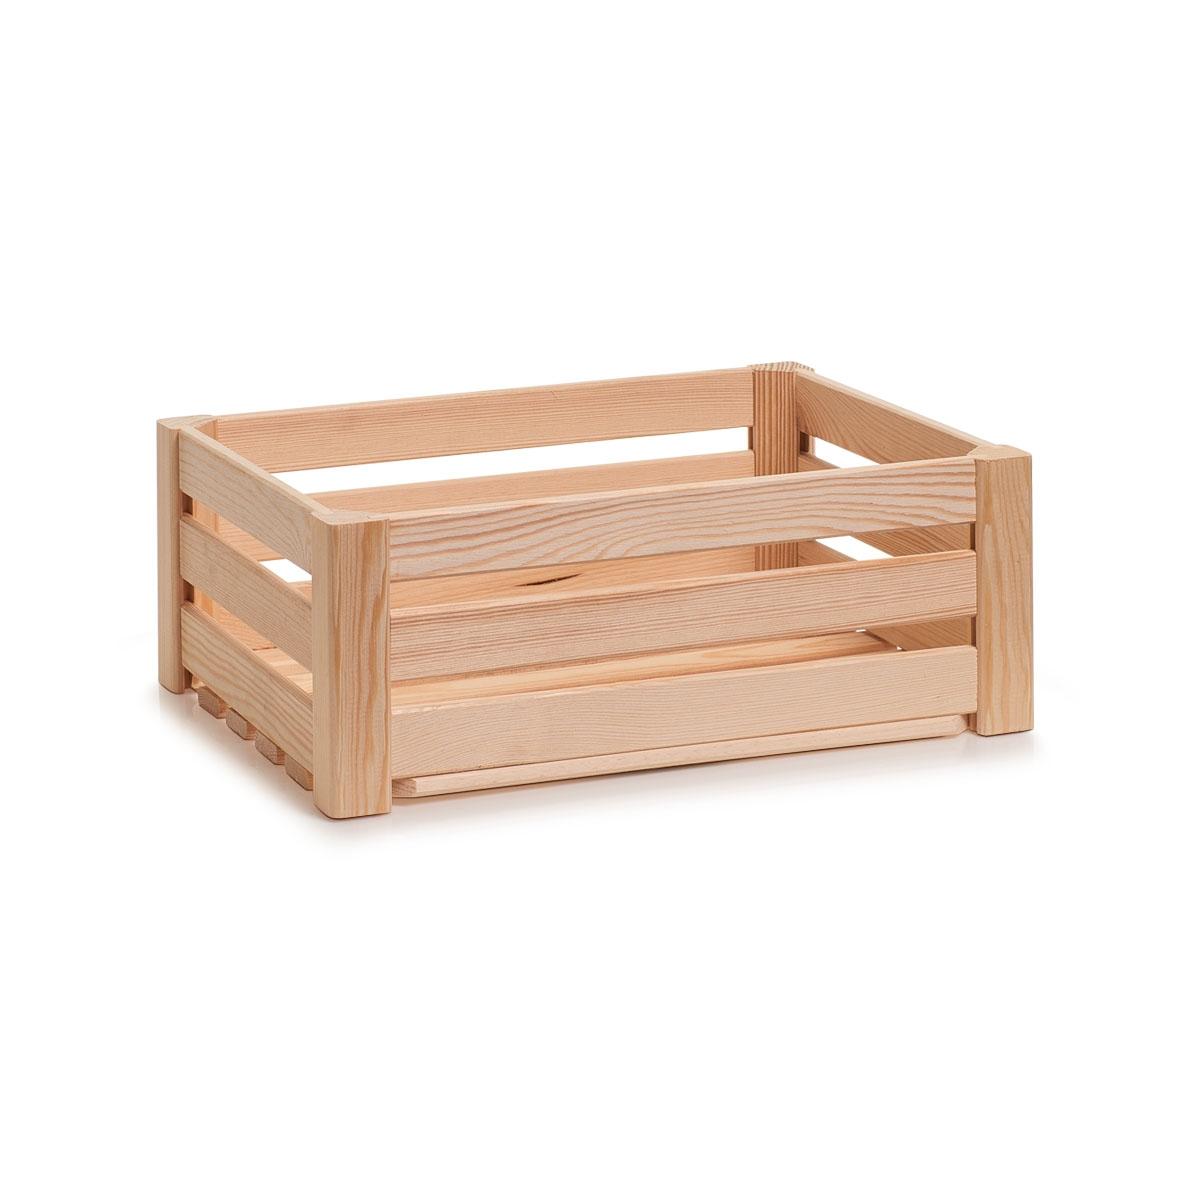 Cutie pentru depozitare din lemn, Pine Small Natural, L40xl30xH15 cm